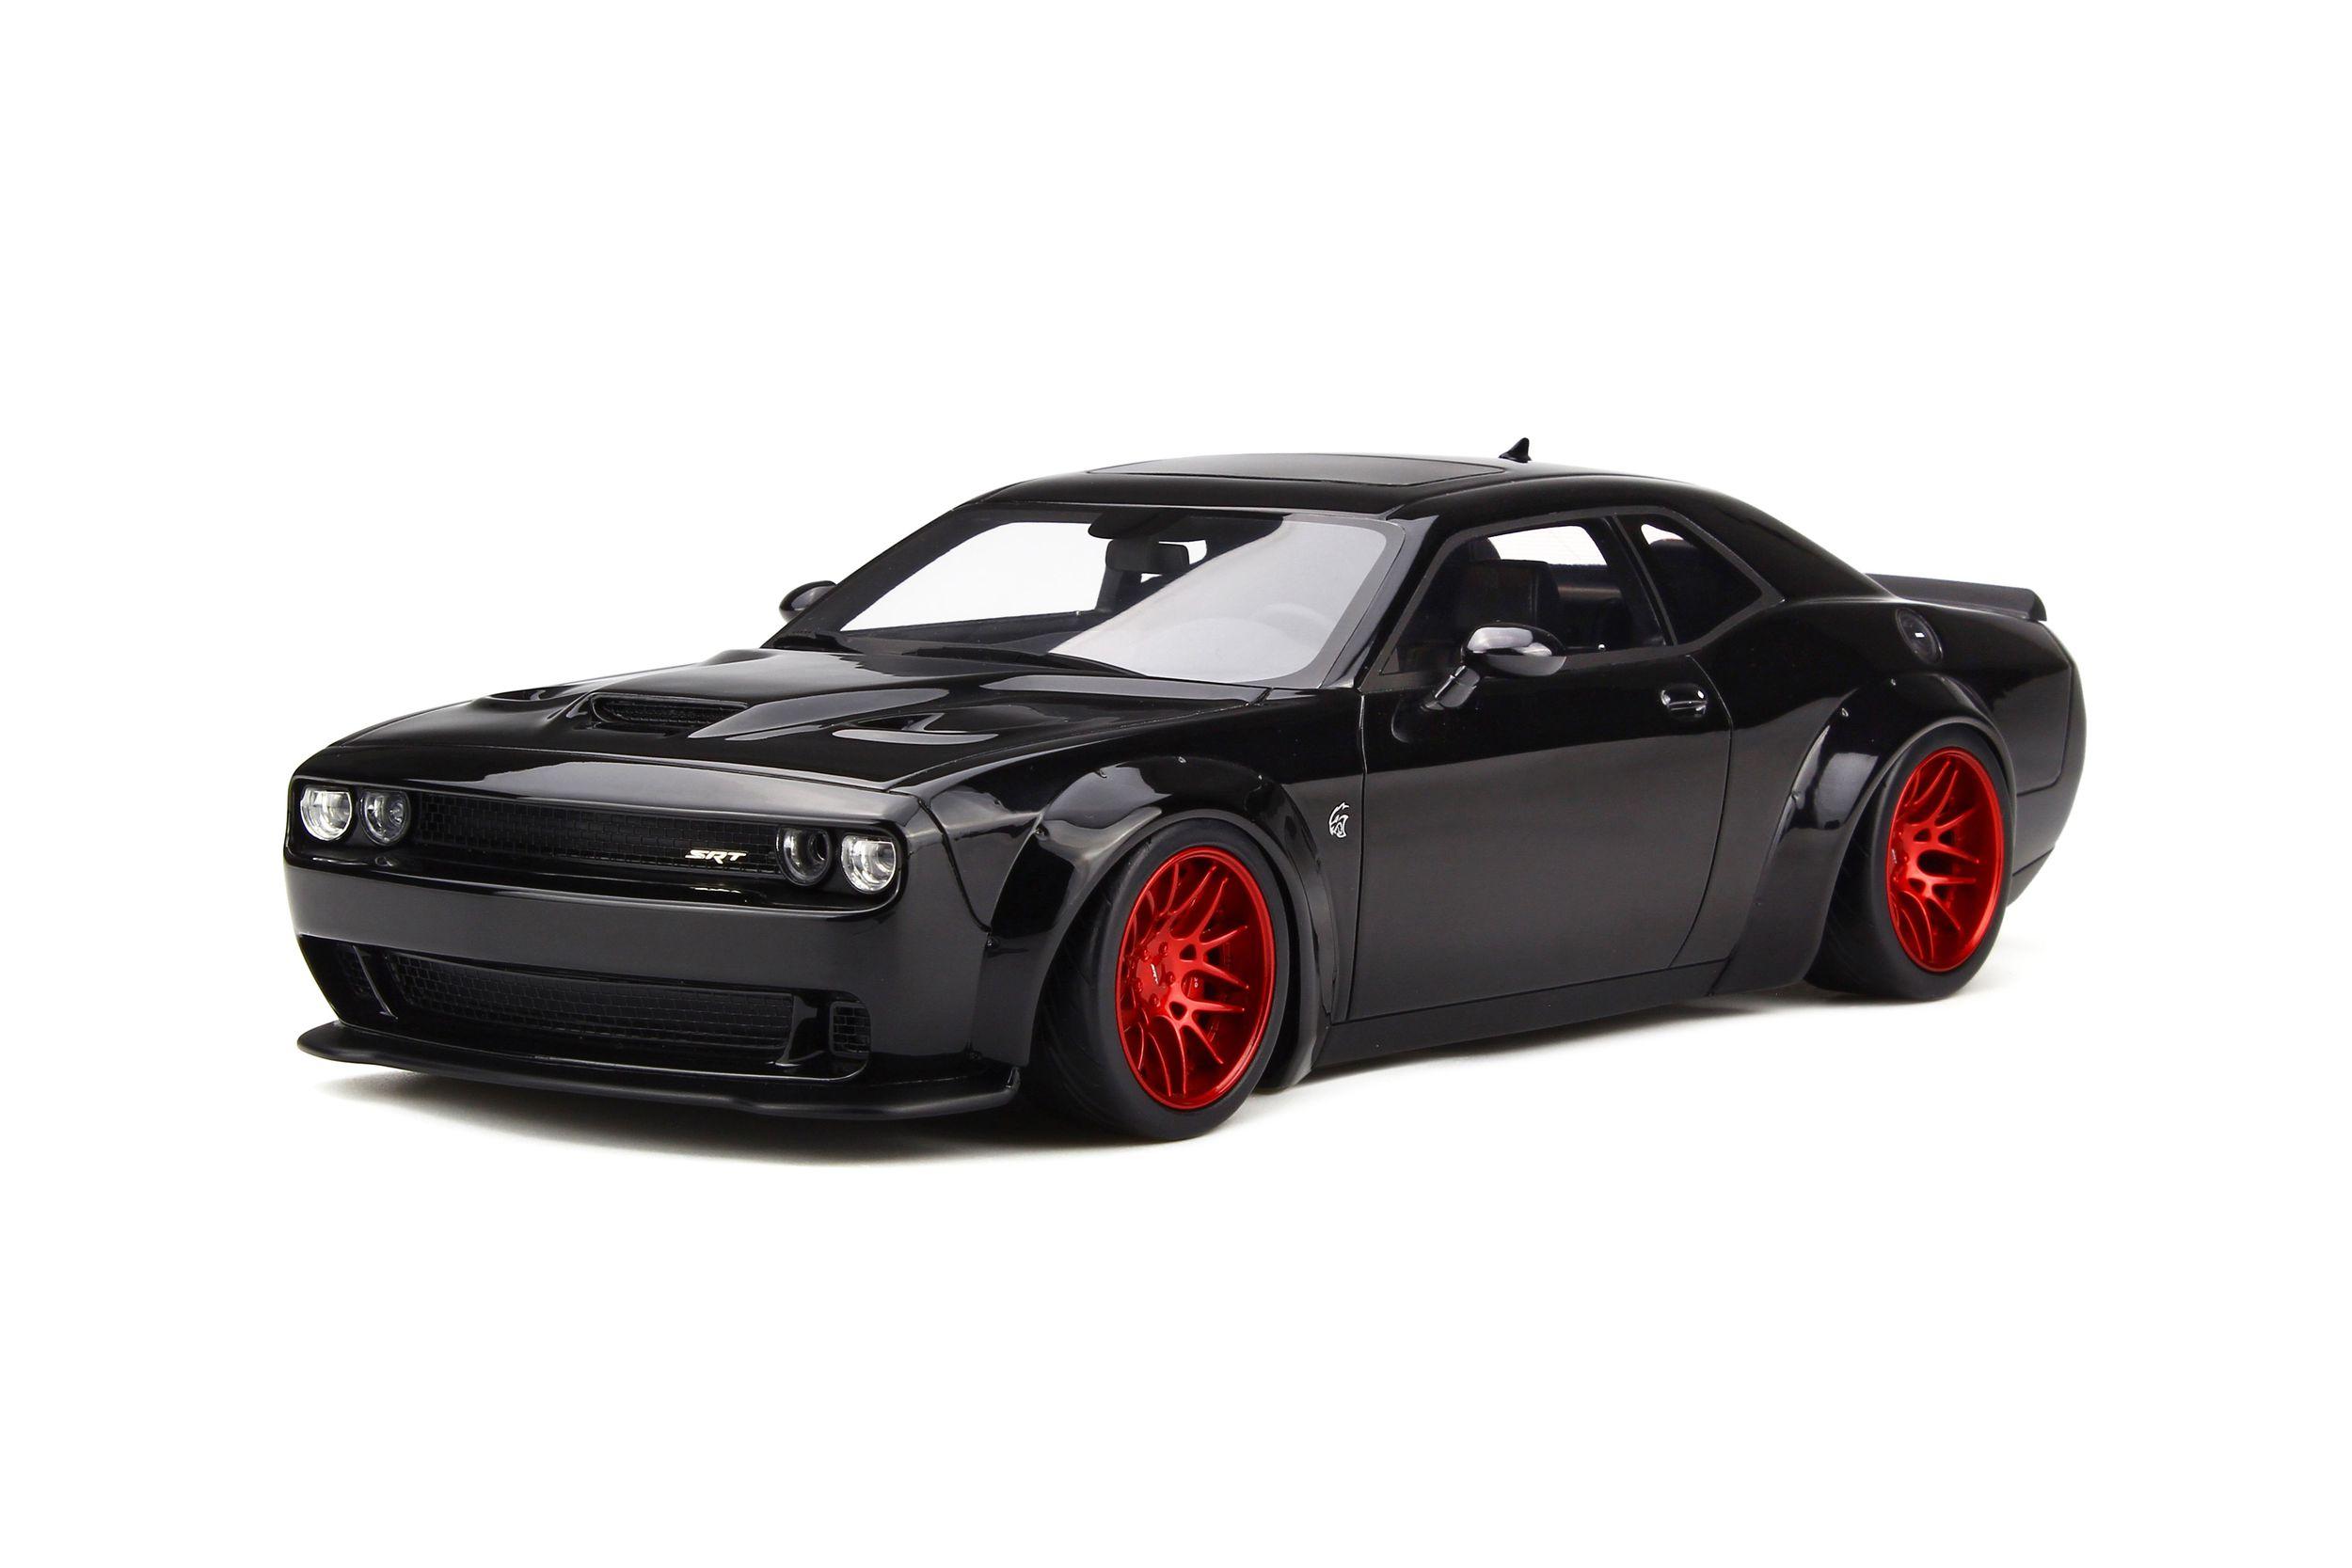 voiture muscle car noir